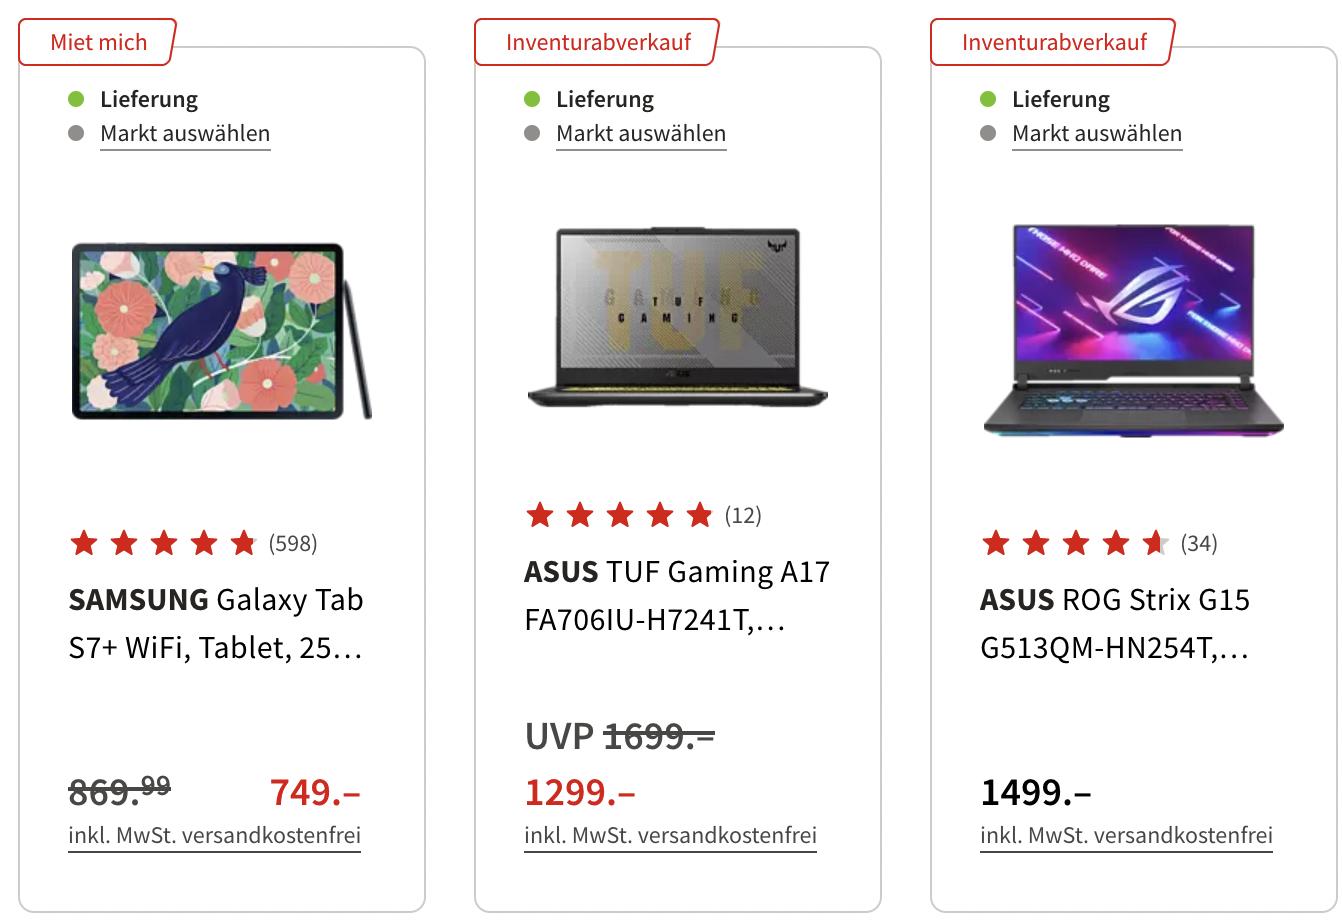 Media Markt Saturn Inventur Abverkauf   viele gute Deals!